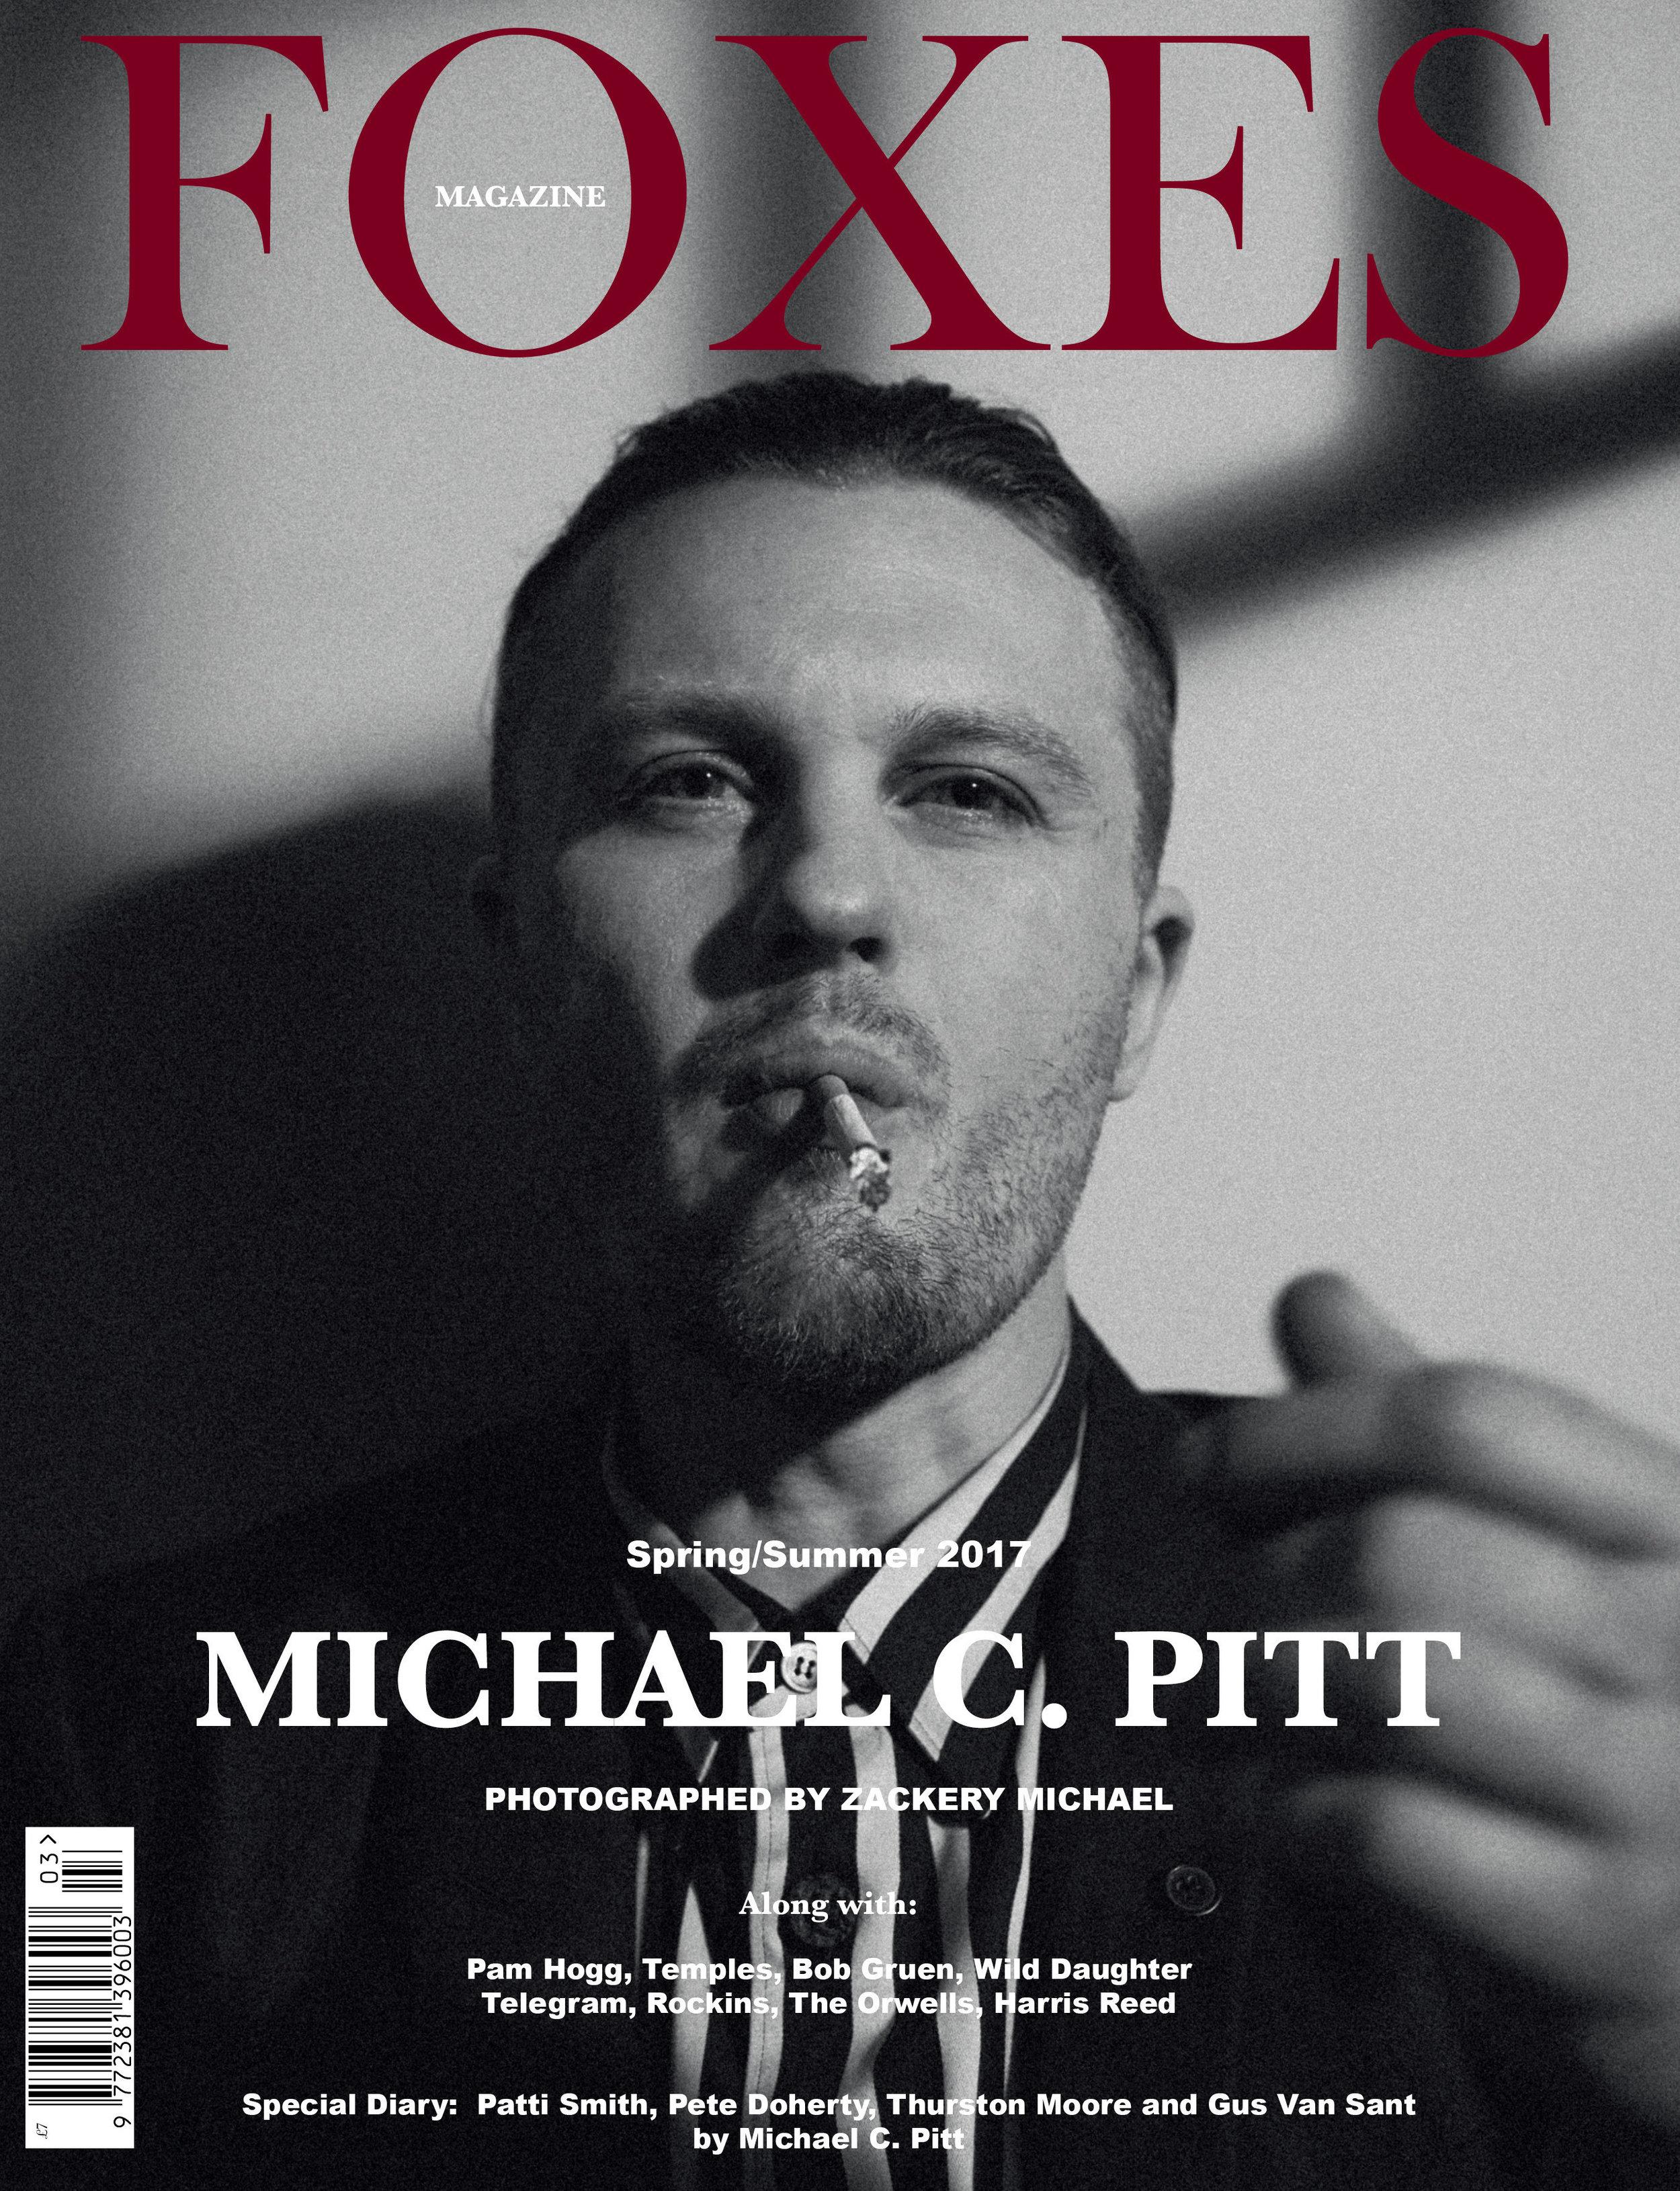 FOXES_304_MICHAEL_PITT.jpg